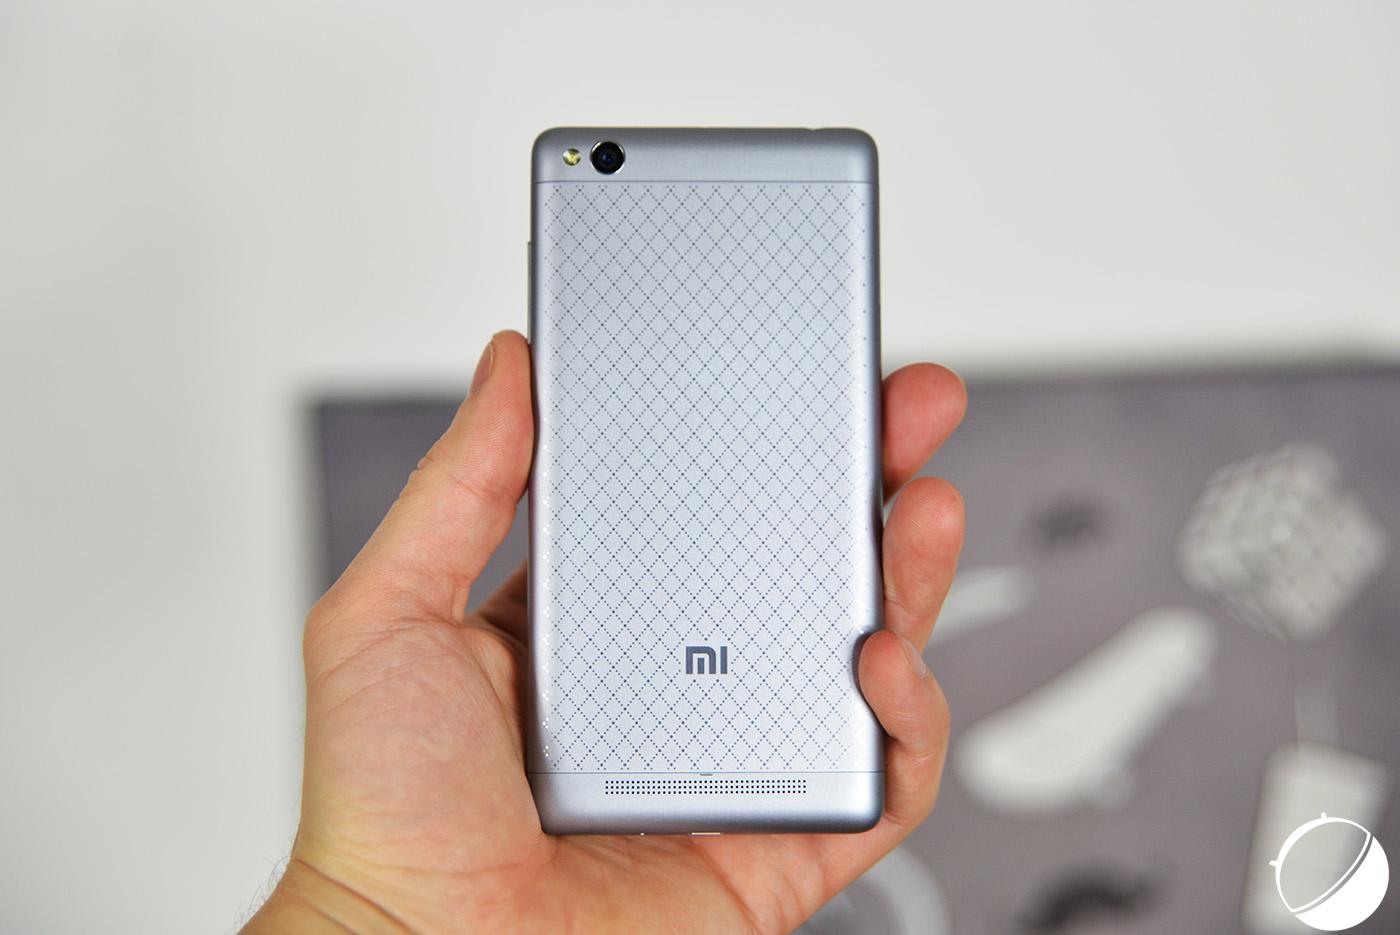 Android 8.0 Oreo : déjà un portage stable de LineageOS 15.0, sur Xiaomi Redmi 3